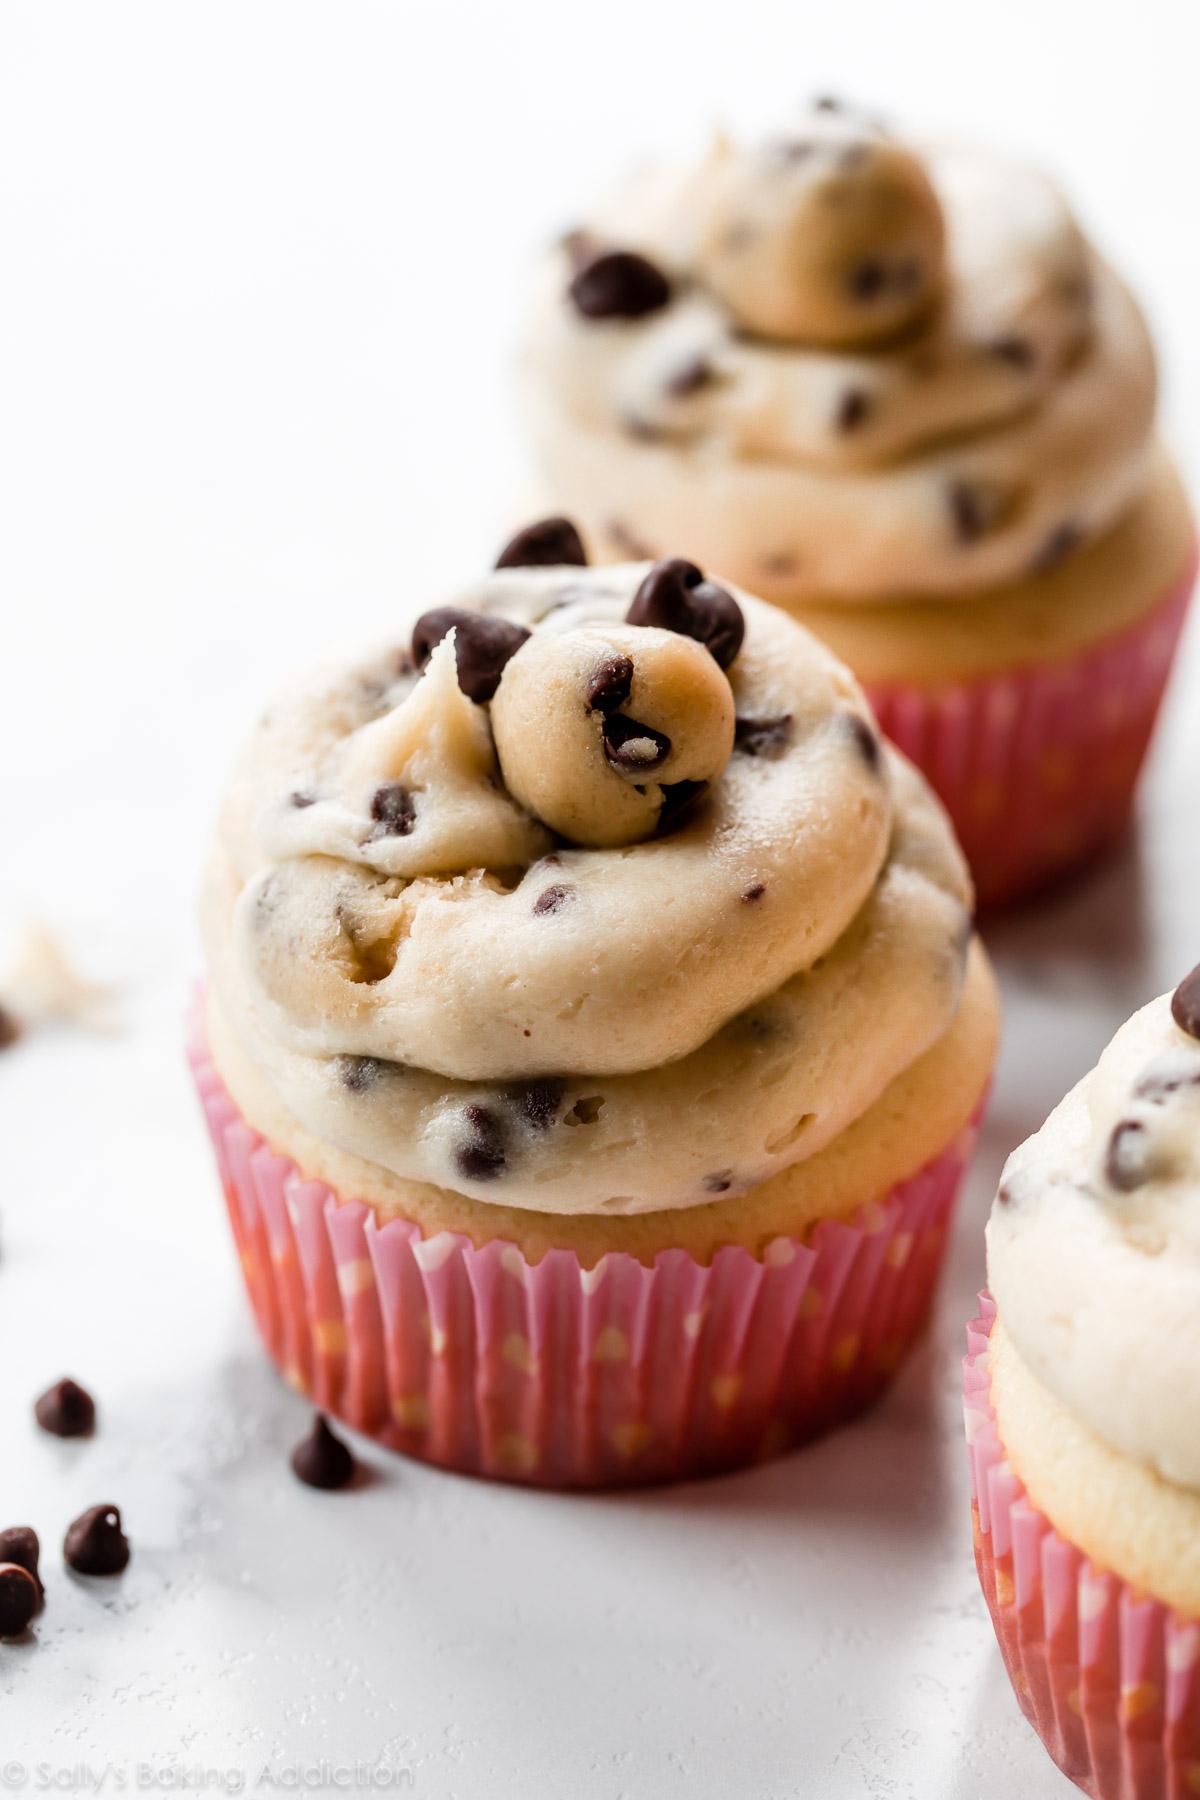 cupcakes à la pâte à biscuits aux pépites de chocolat fondu